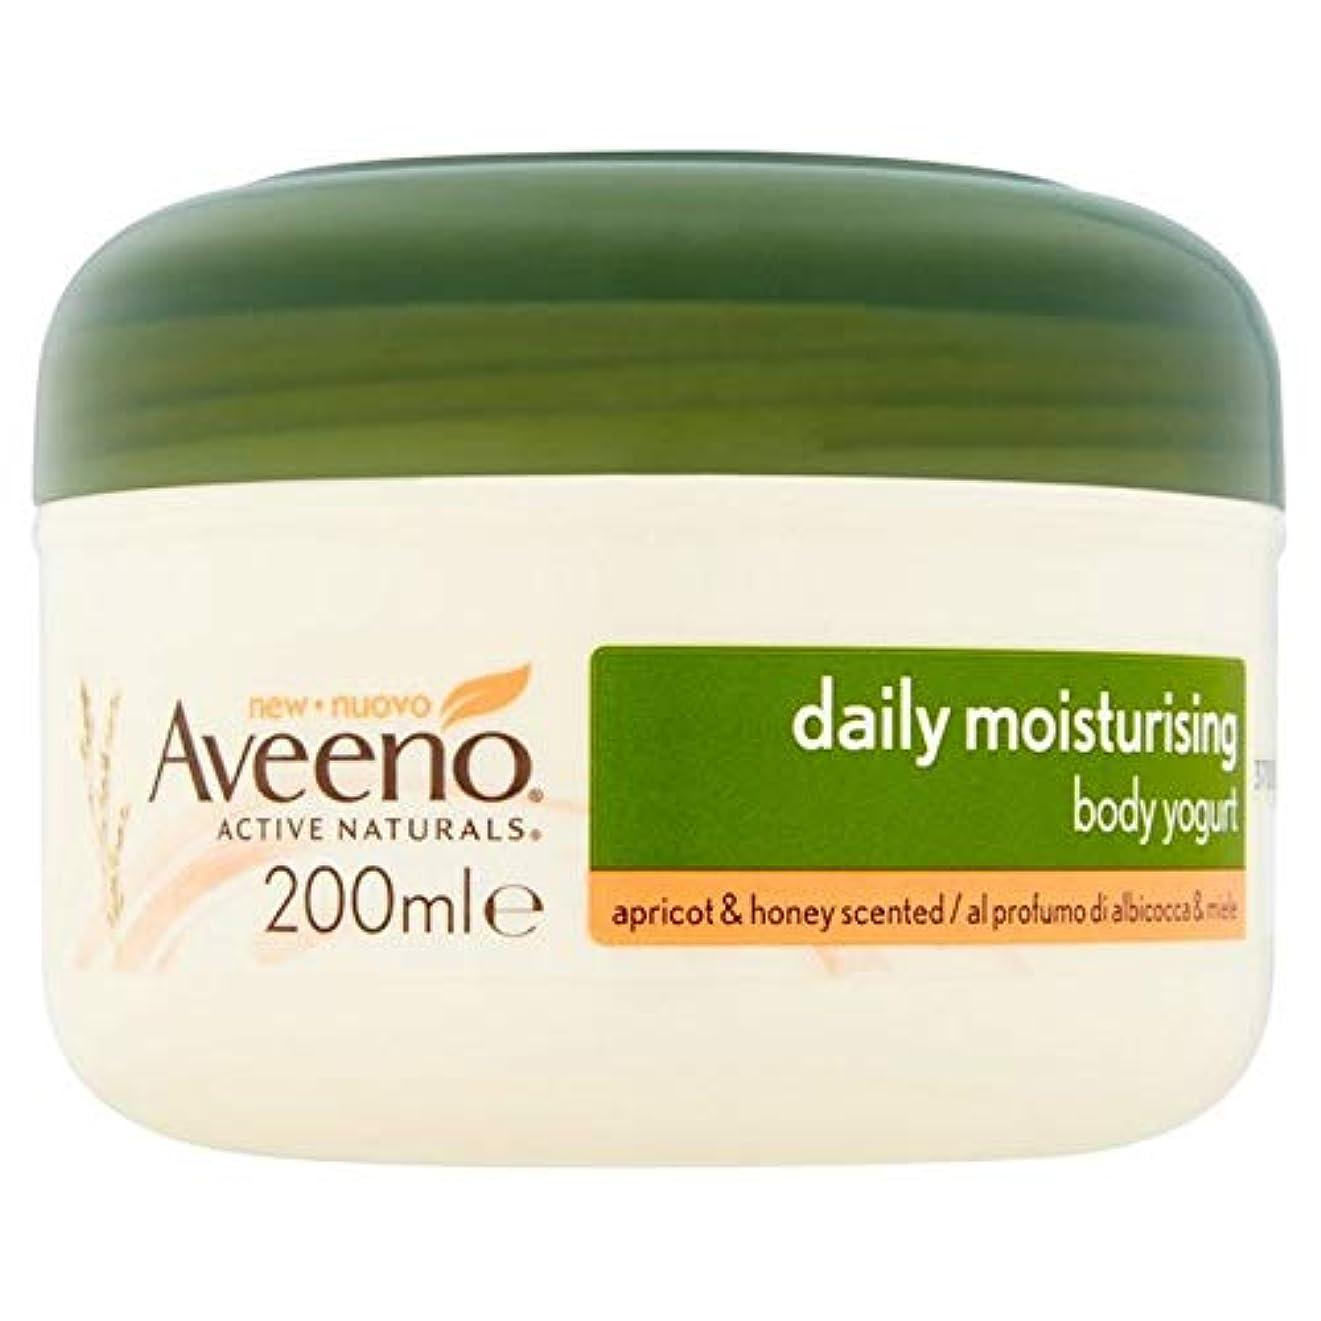 苦難苦難感染する[Aveeno] Aveeno毎日保湿ボディヨーグルトアプリコット&ハニー200ミリリットル - Aveeno Daily Moisturising Body Yogurts Apricot & Honey 200ml [並行輸入品]